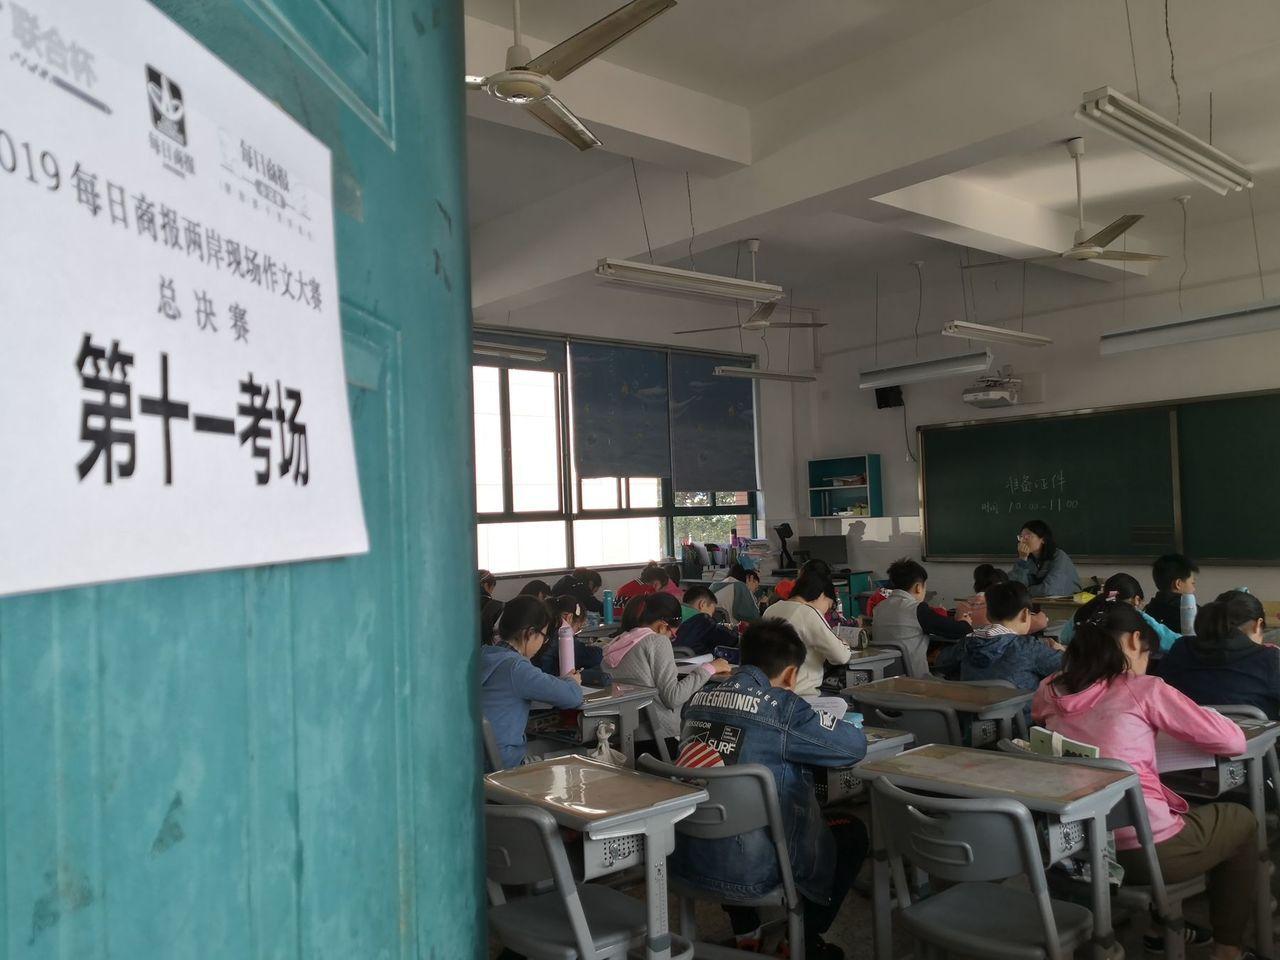 聯合盃杭州賽區學生專注寫作。 圖/杭州每日商報提供